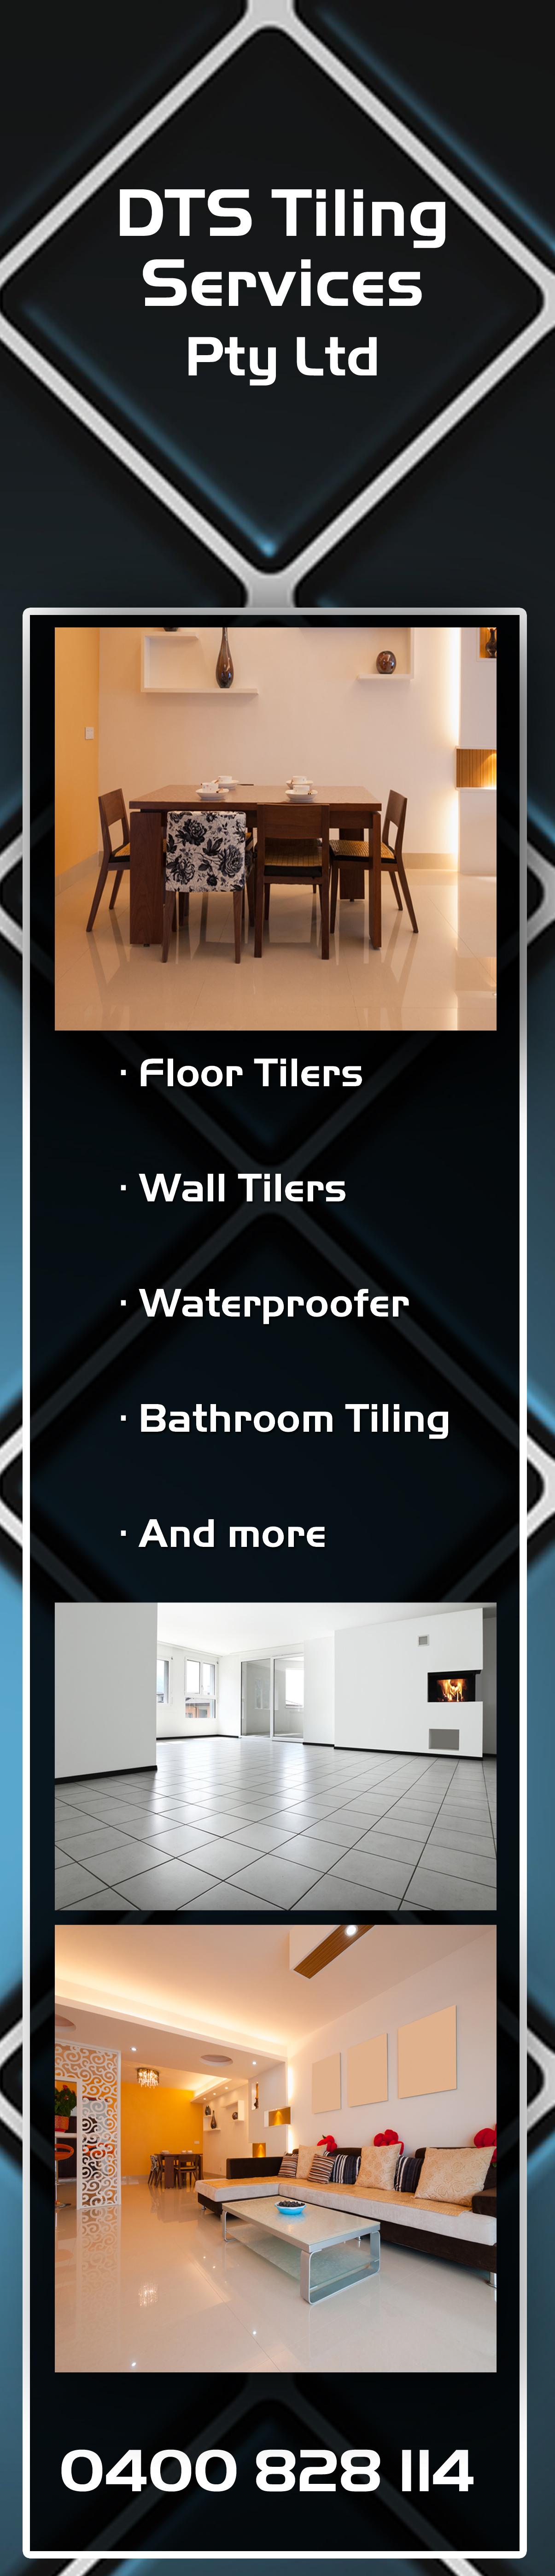 DTS Tiling Services Pty Ltd